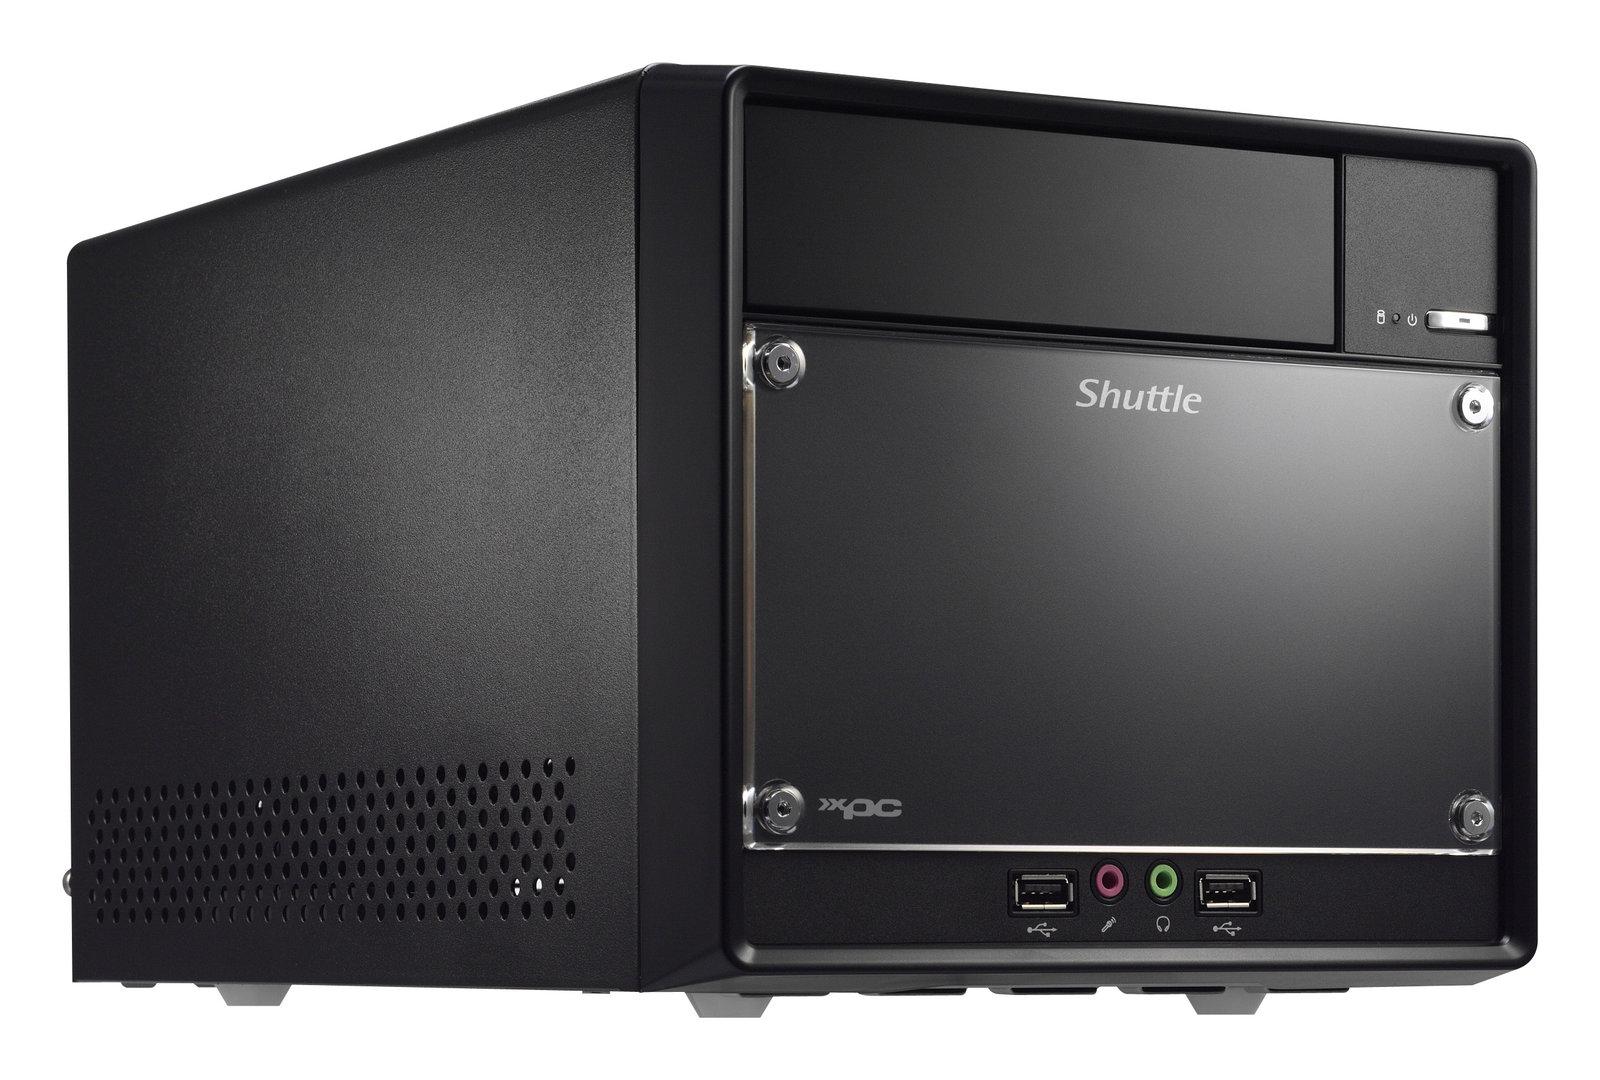 Shuttle SH81R4